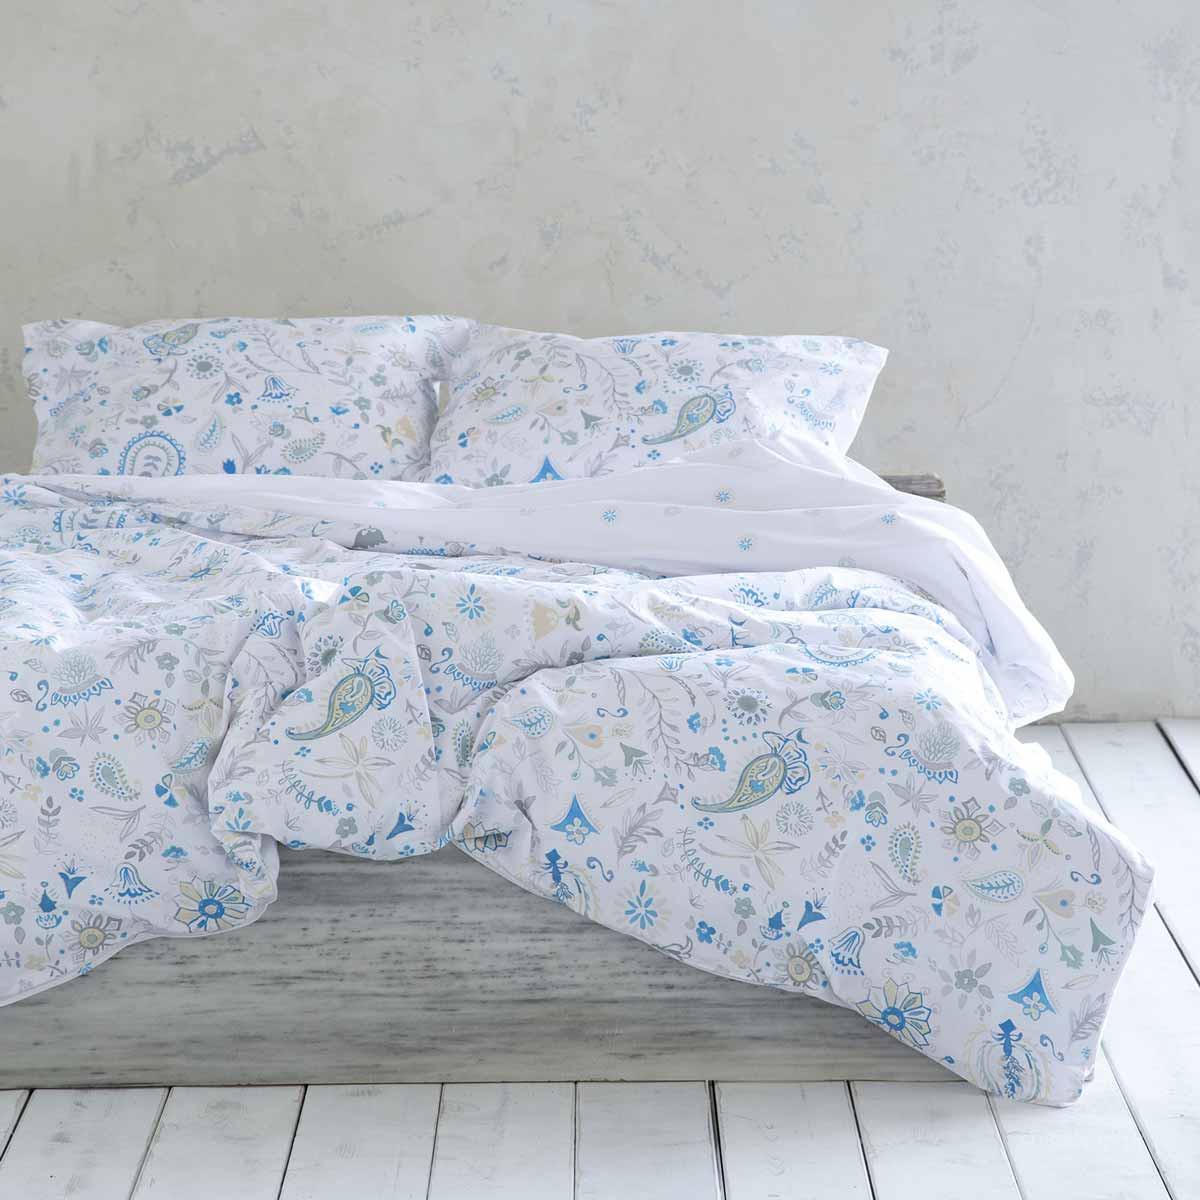 Σεντόνια Υπέρδιπλα (Σετ) Nima Bed Linen Desire Blue